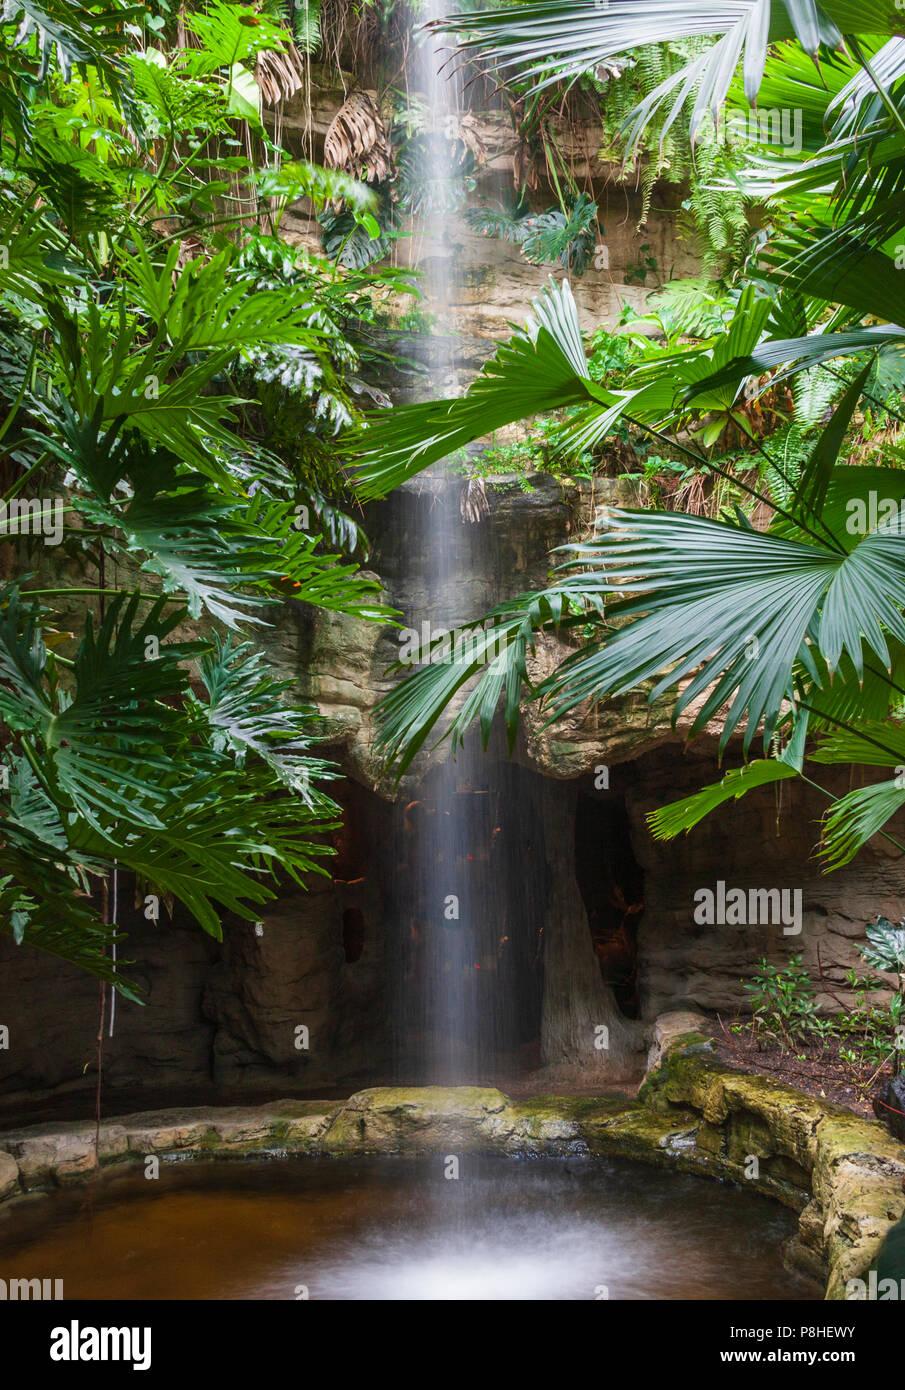 La cascata e piante tropicali in Houston al Conservatory della Farfalla in il Museo di Scienze Naturali di Houston e. Immagini Stock